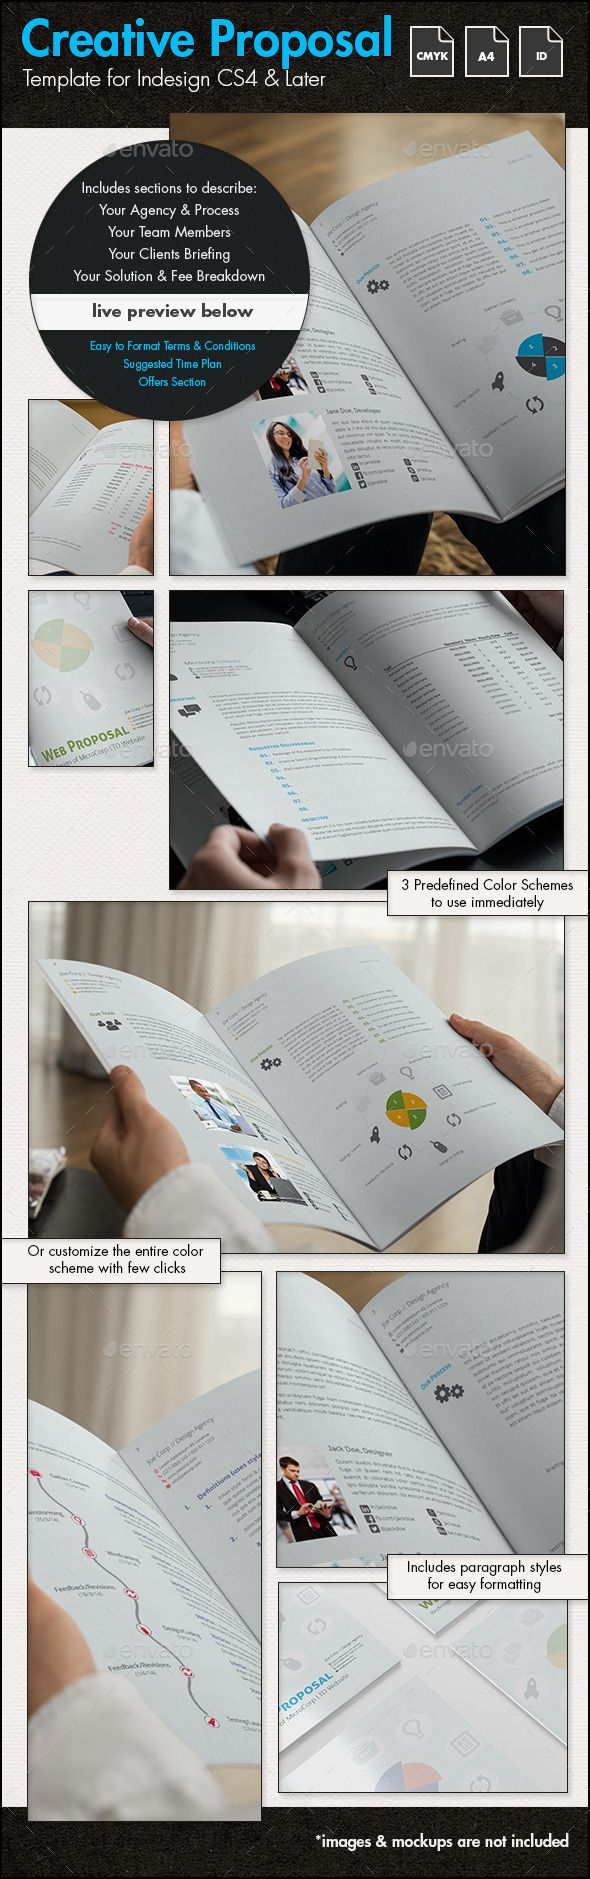 Creative Business Proposal r3 - A4 Portrait